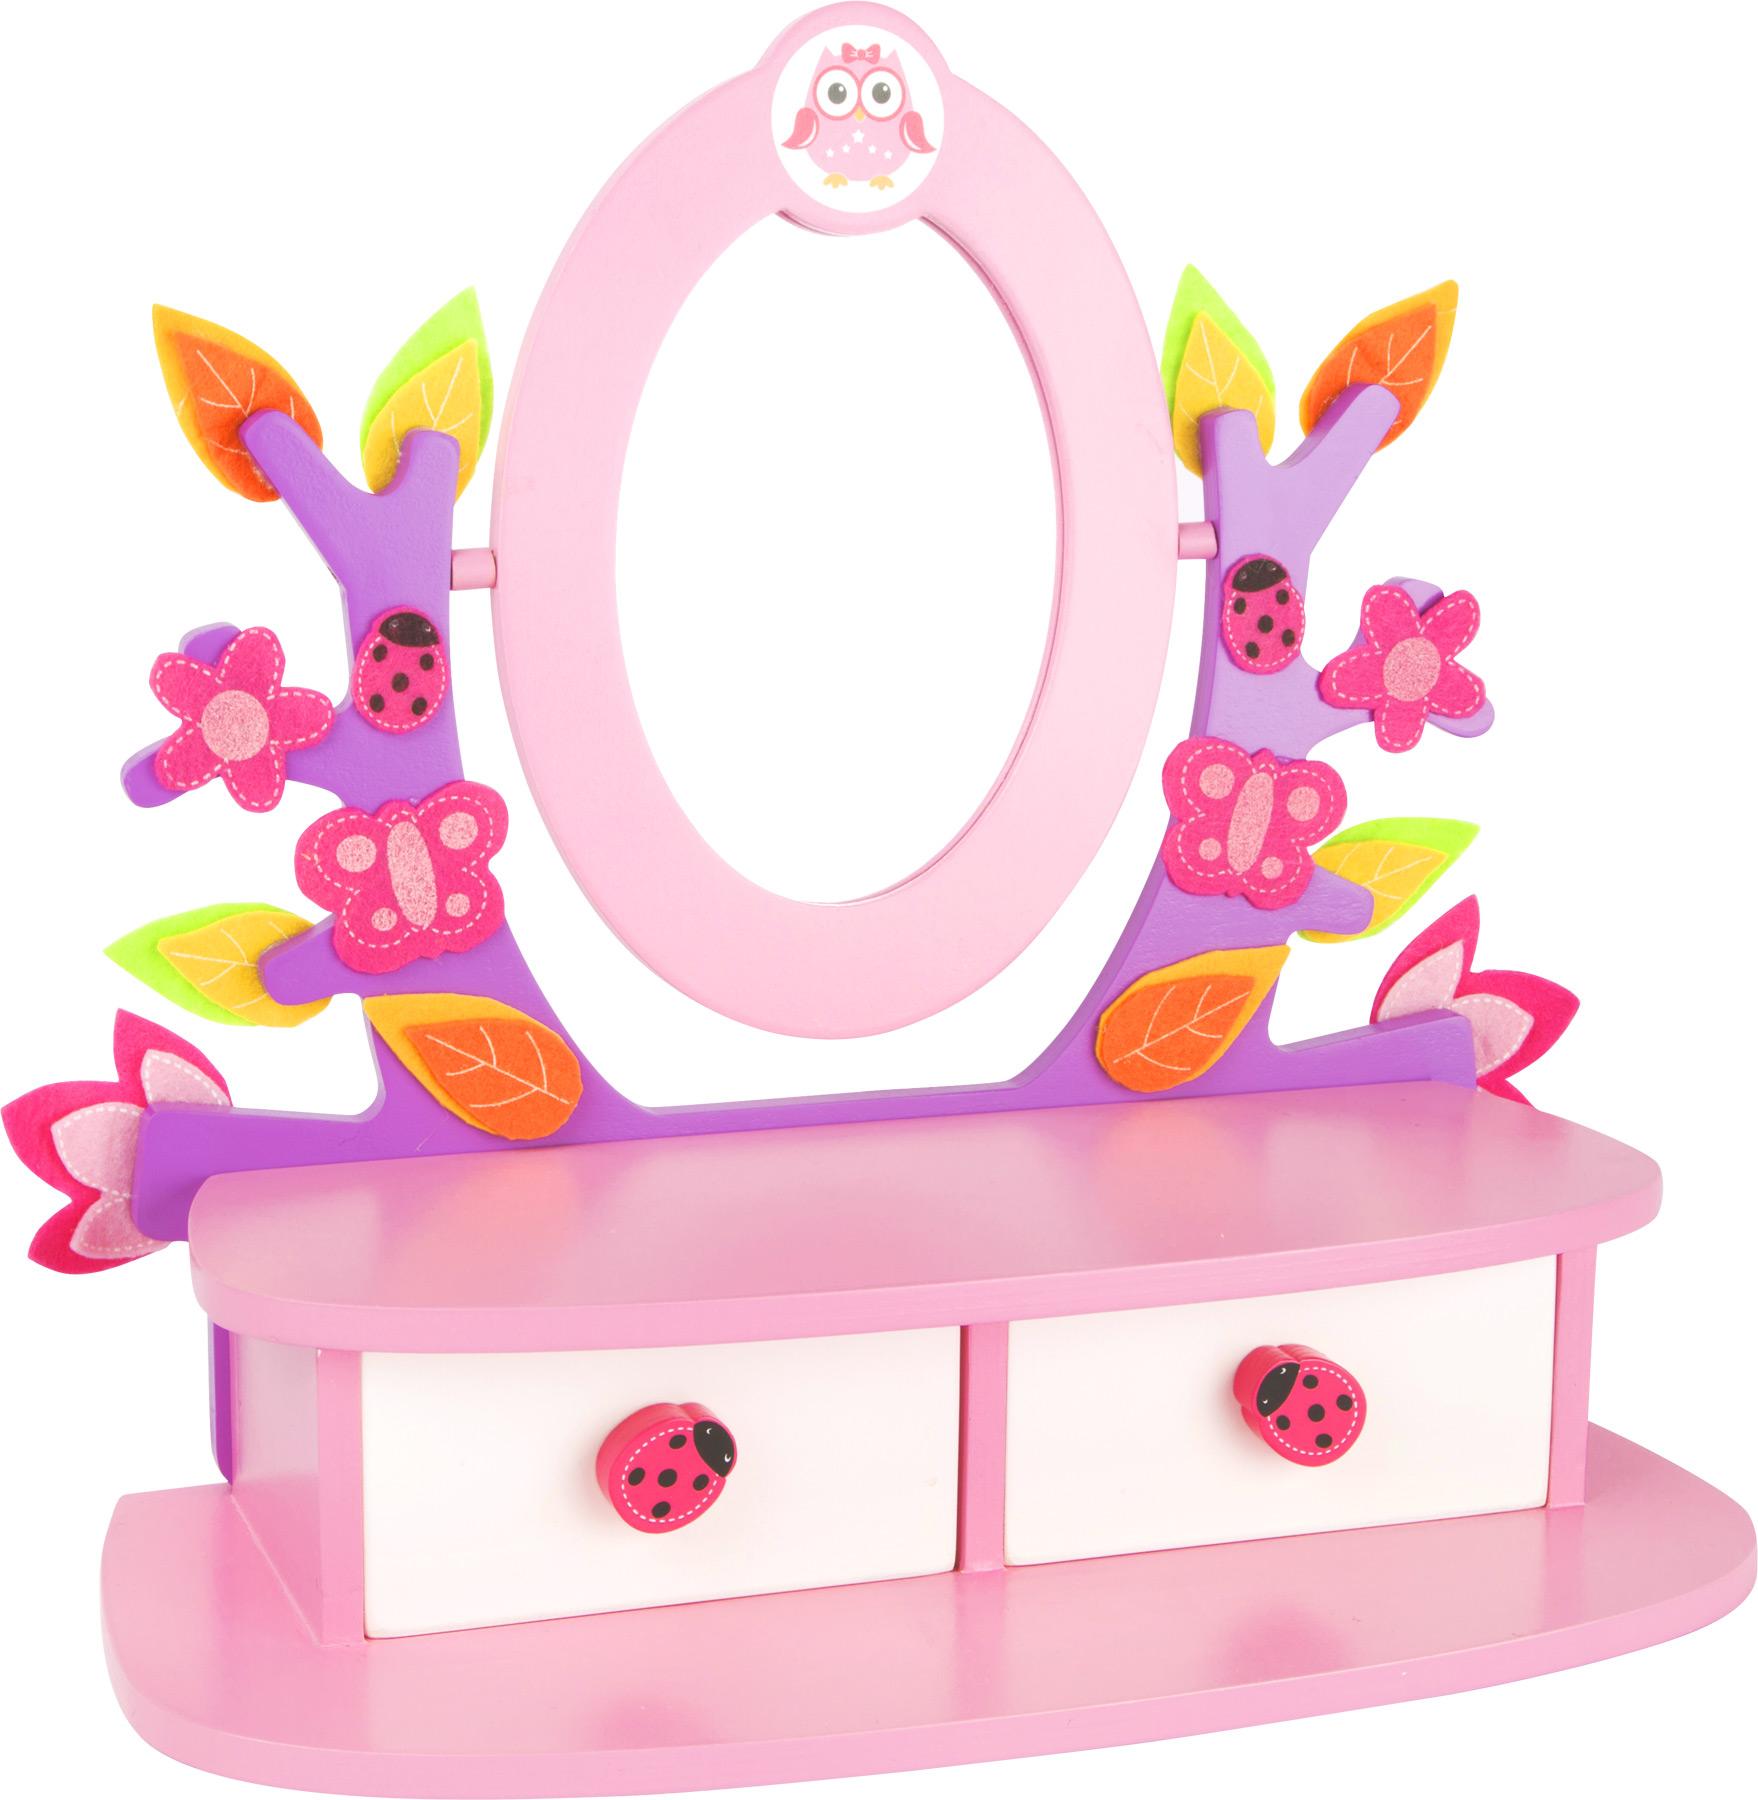 bunter schminktisch aus holz frisiertisch kinder schminken mit spiegel ebay